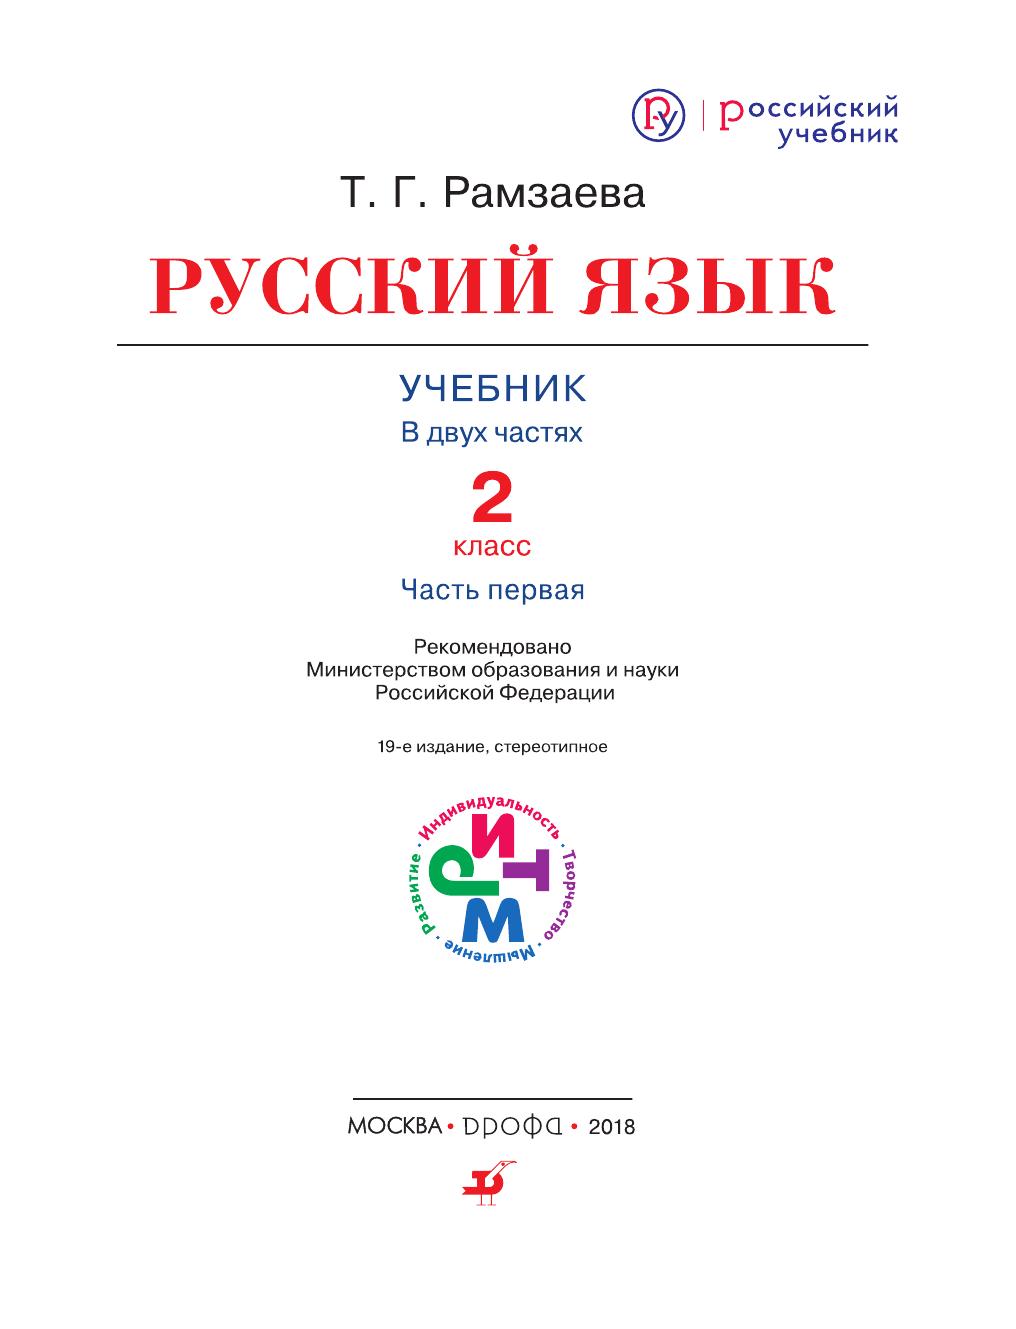 Гдз по русский 4 класса часть 1 год 2018 рамзаева.т.г